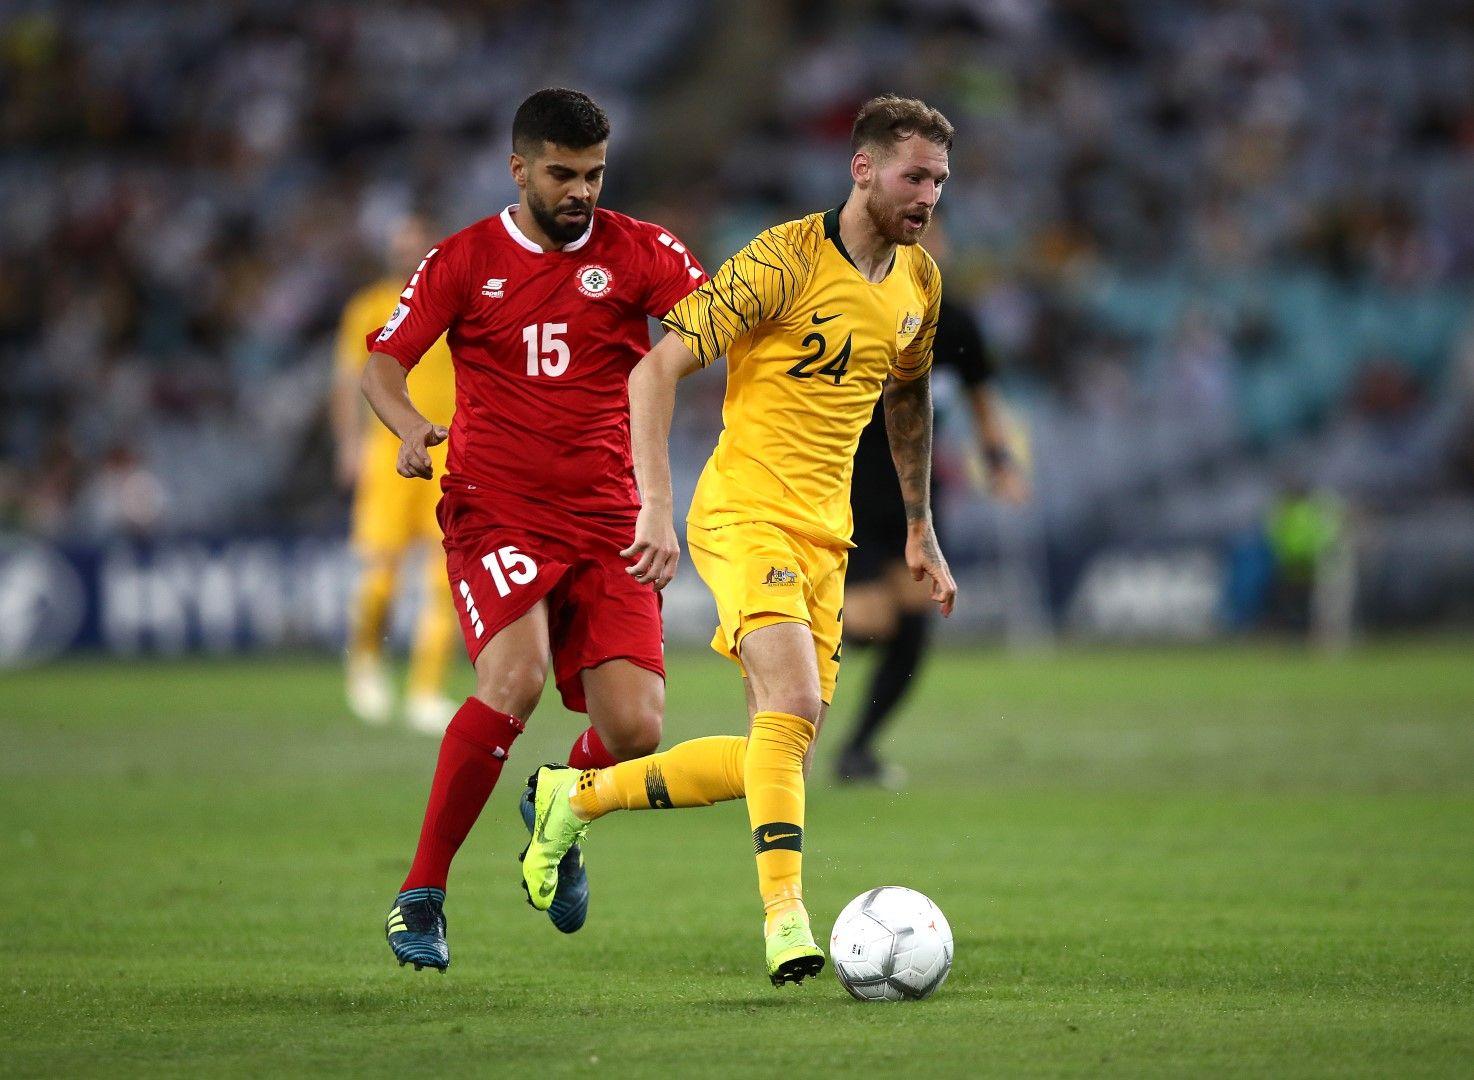 Самир Аяс (червено) е роден в София